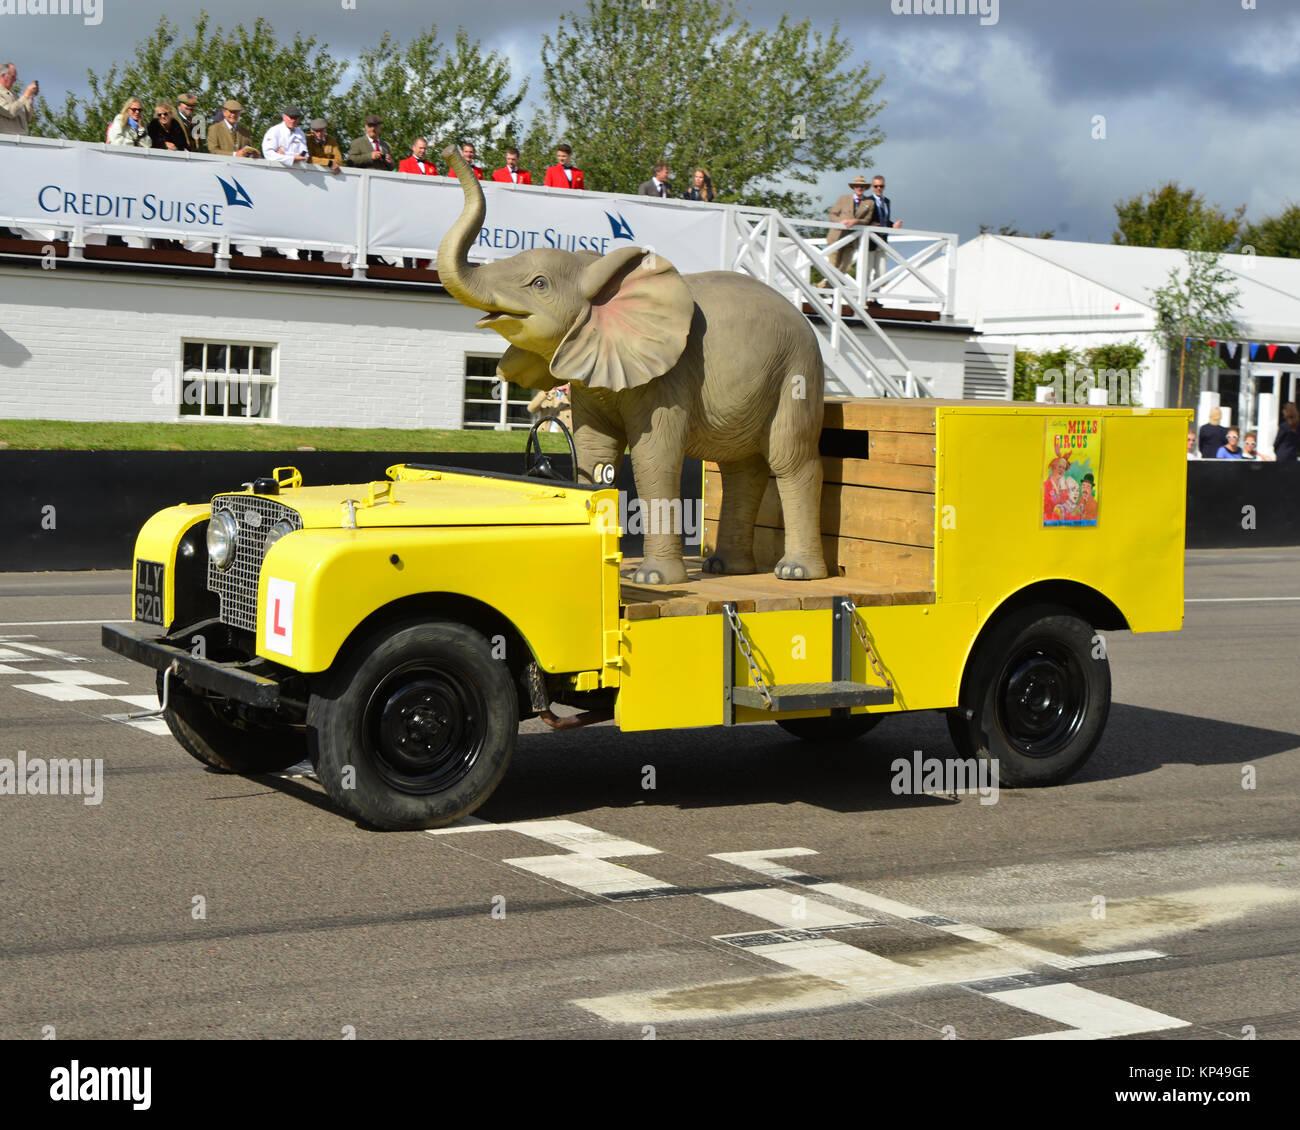 Land Rover Defender 2015 Stock Photos & Land Rover